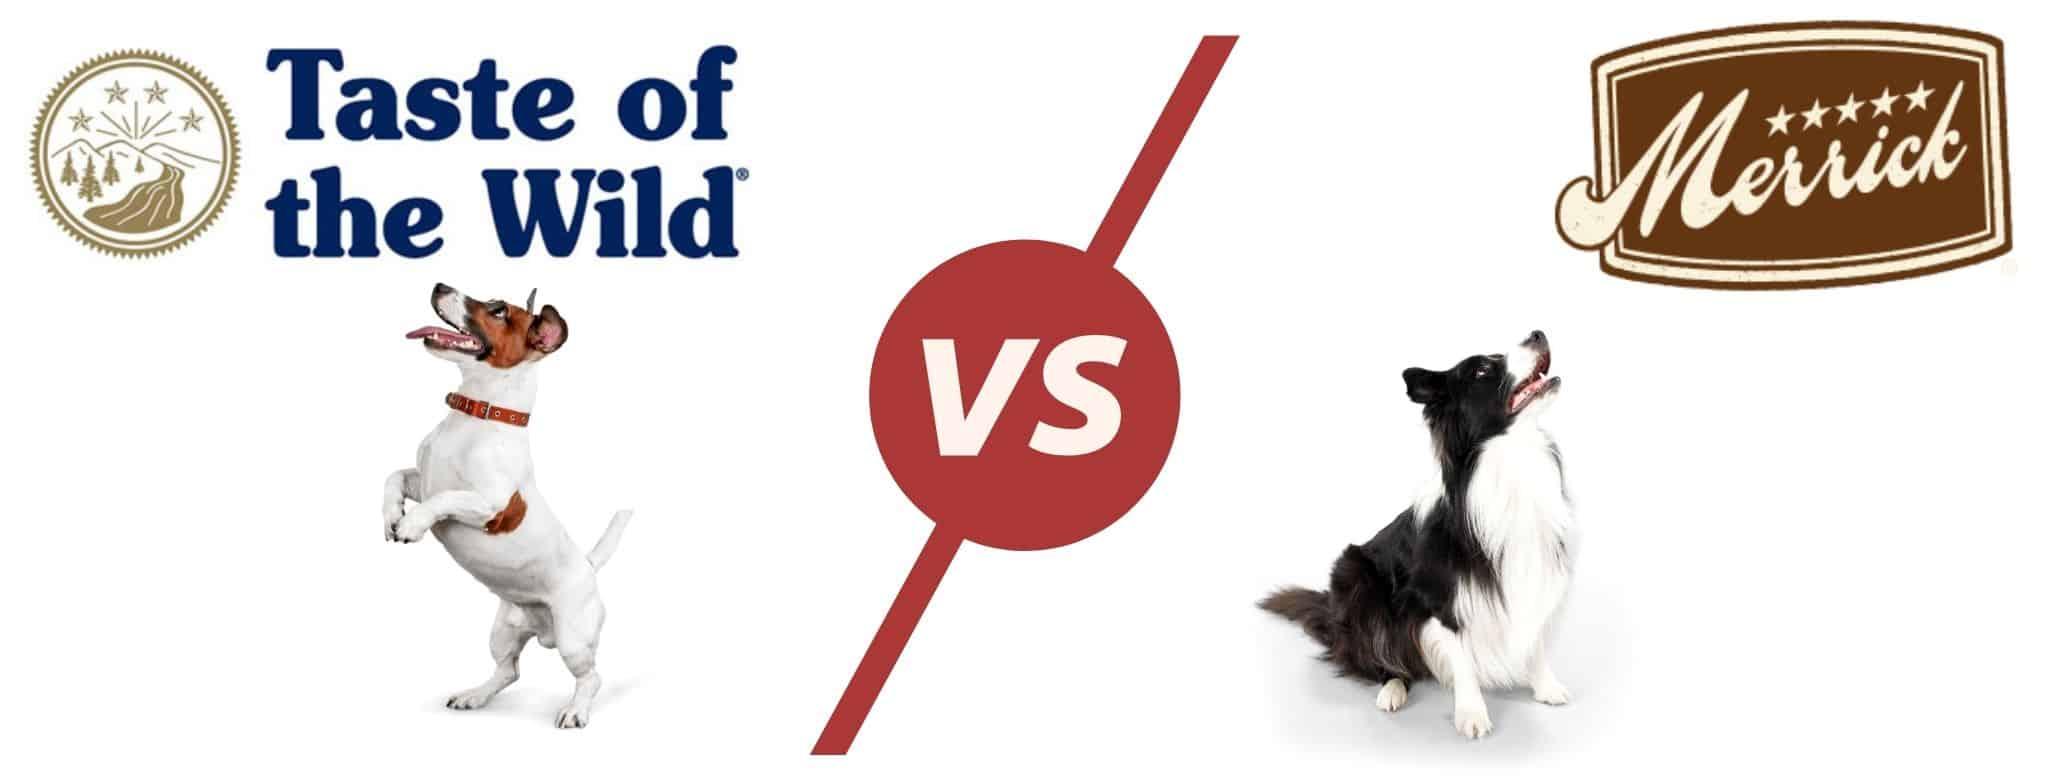 taste of the wild vs merrick